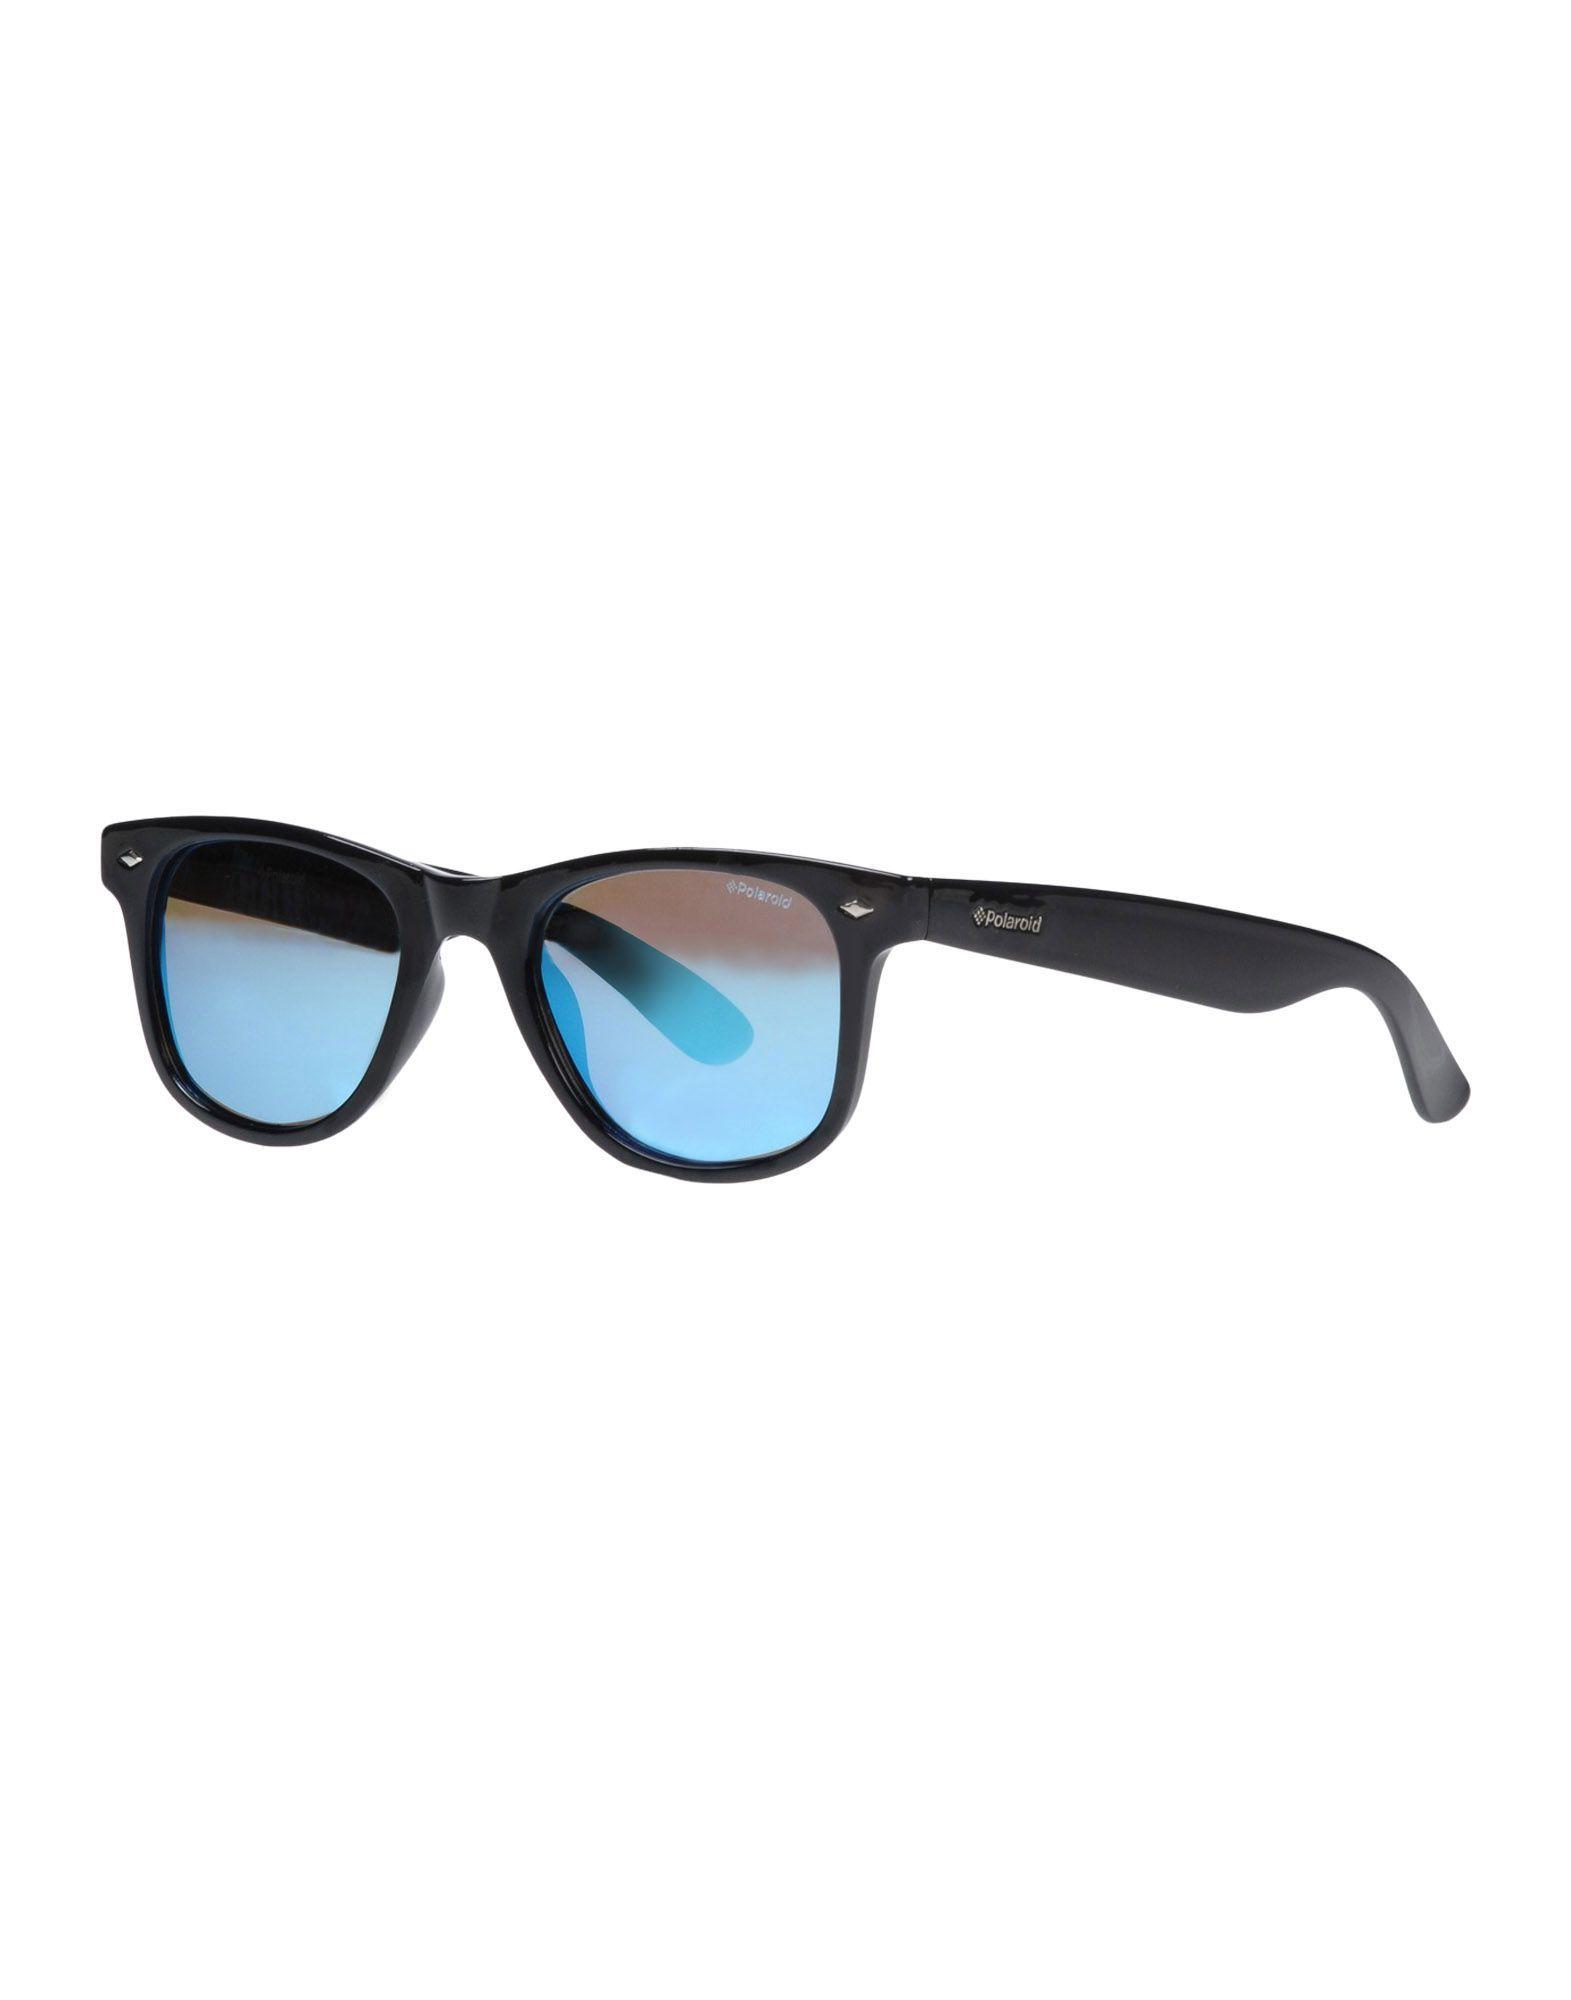 POLAROID Солнечные очки очки велосипедные kellys glance оправа чёрный глянец линзы дымчатые поляризационные